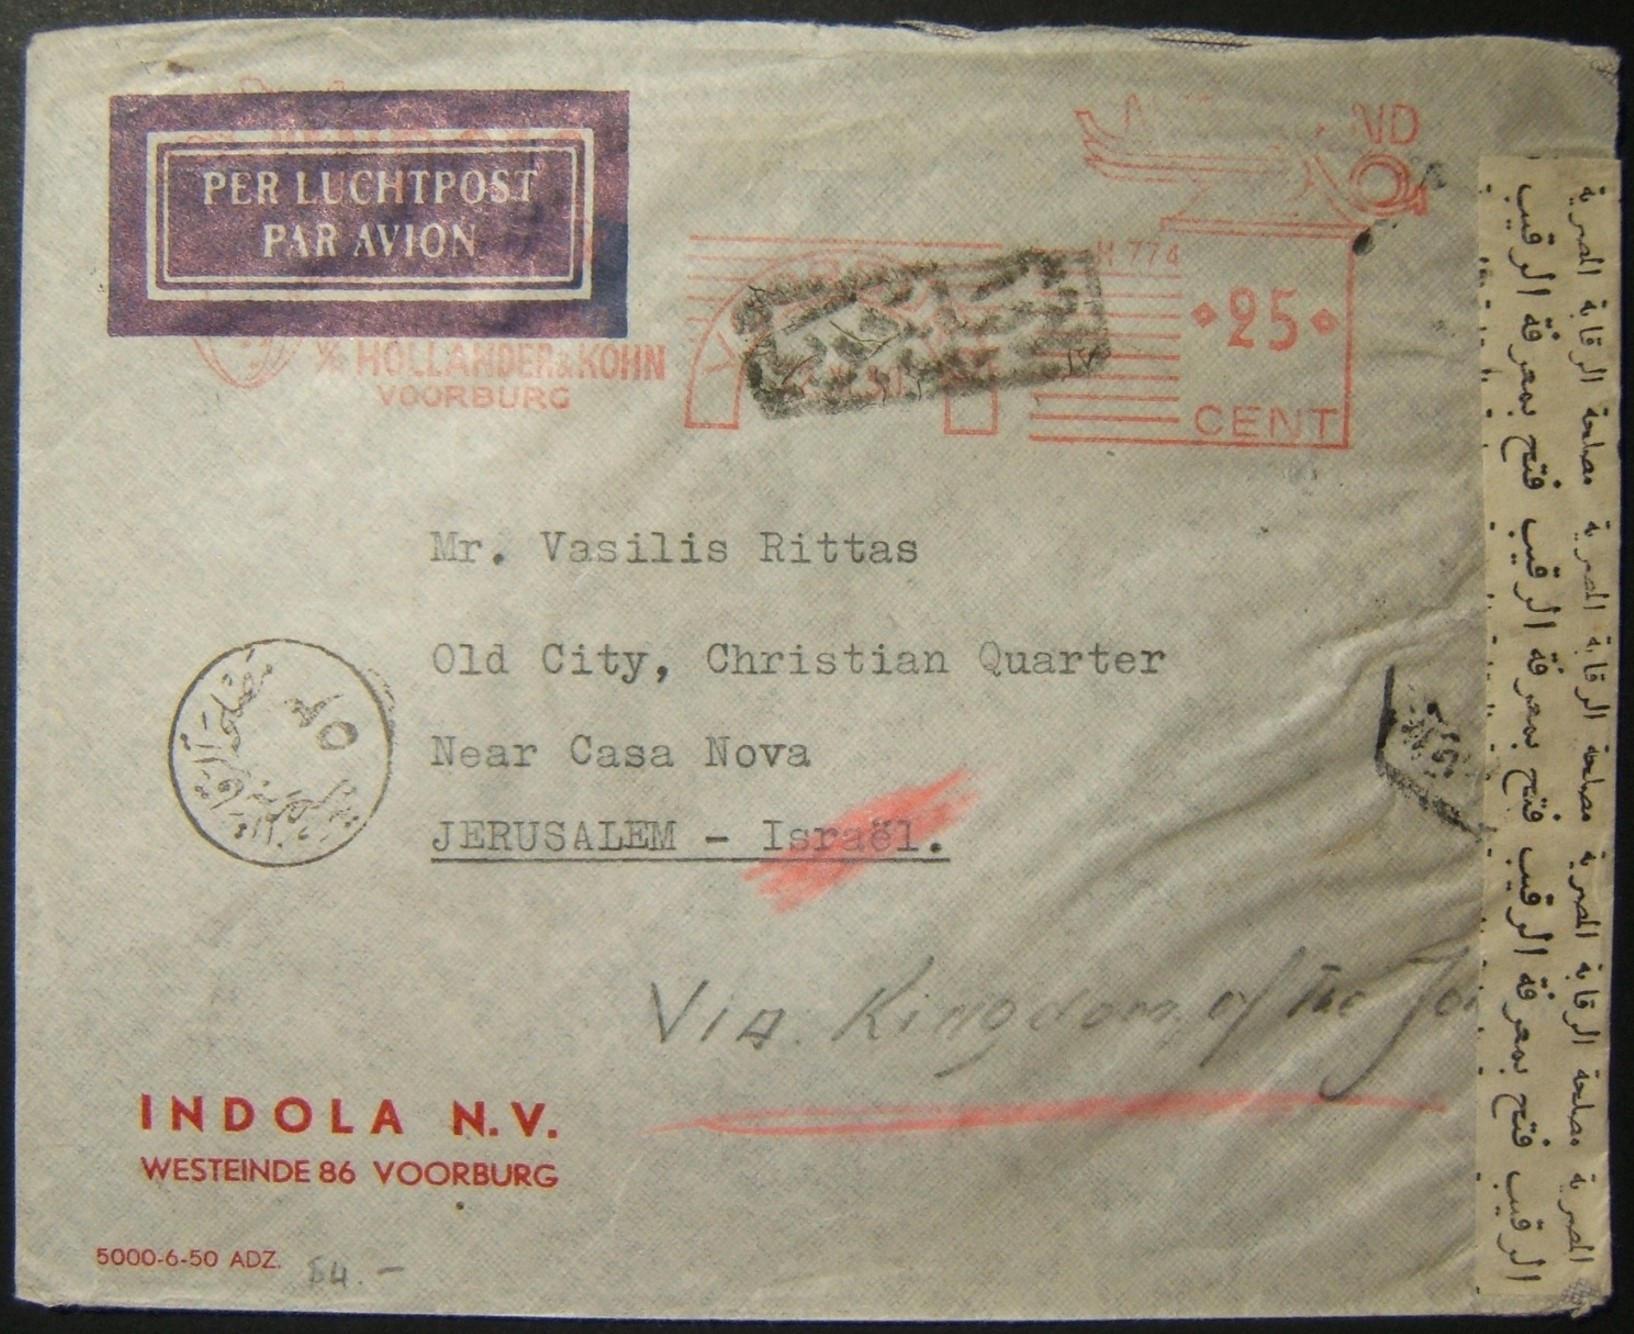 11/1950 דואר הולנדי לירושלים עבר דרך מצרים וסירב לשרת; להתרעם